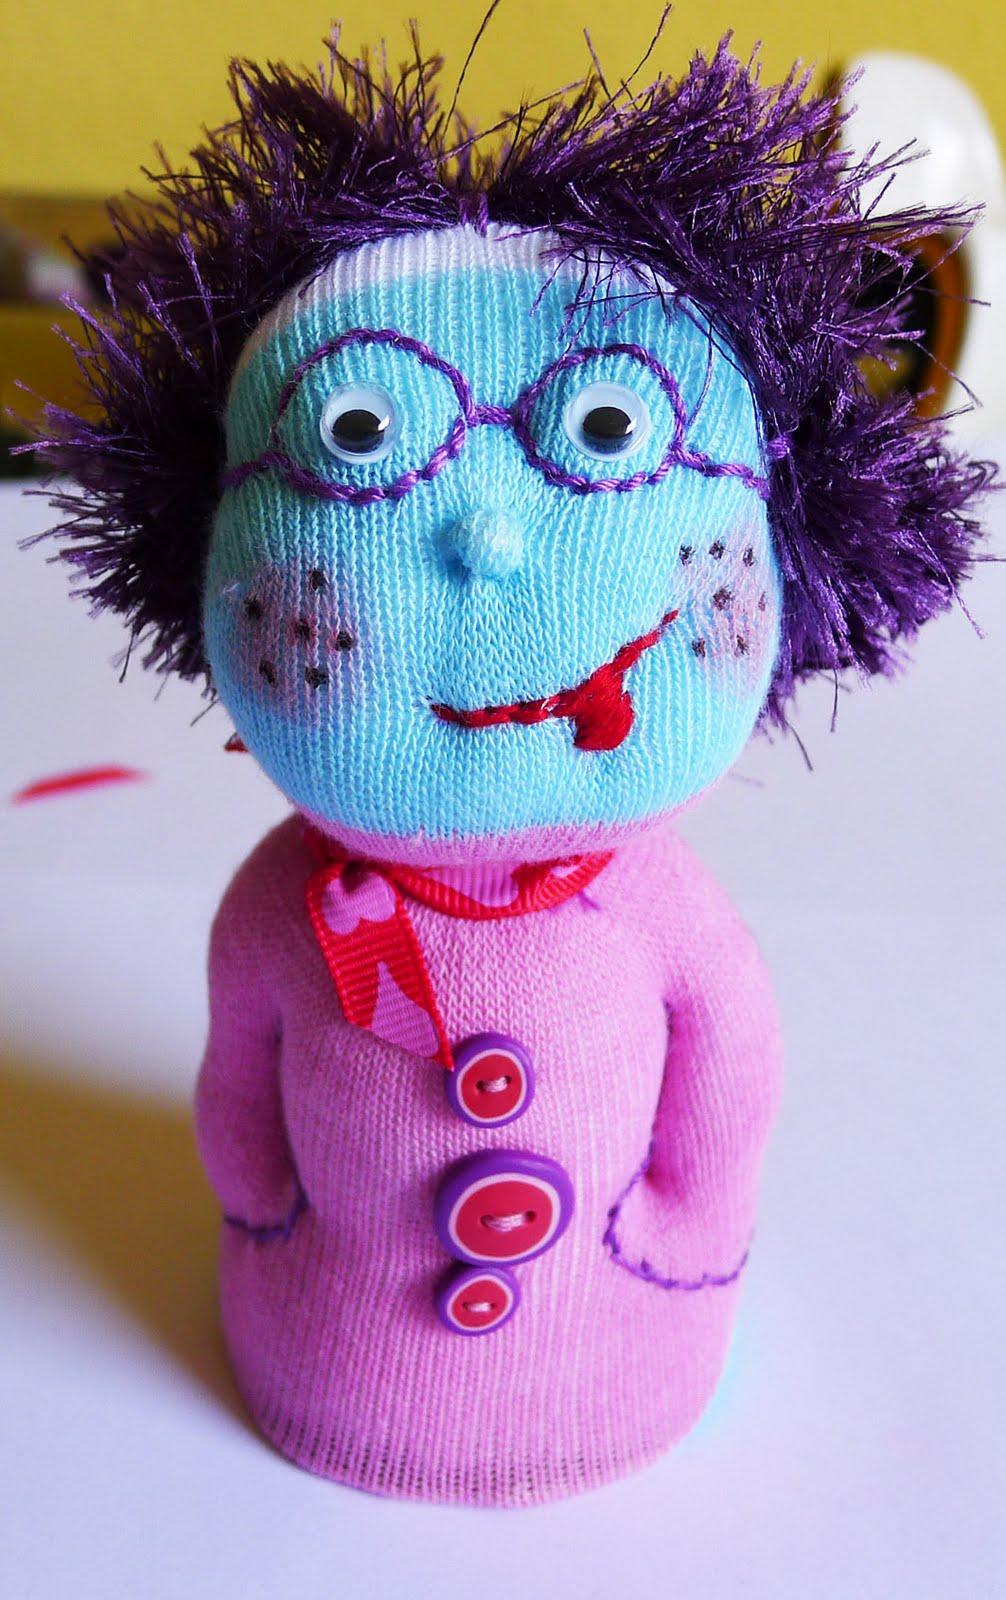 Куклы своими руками из носков, фото, инструкция 74